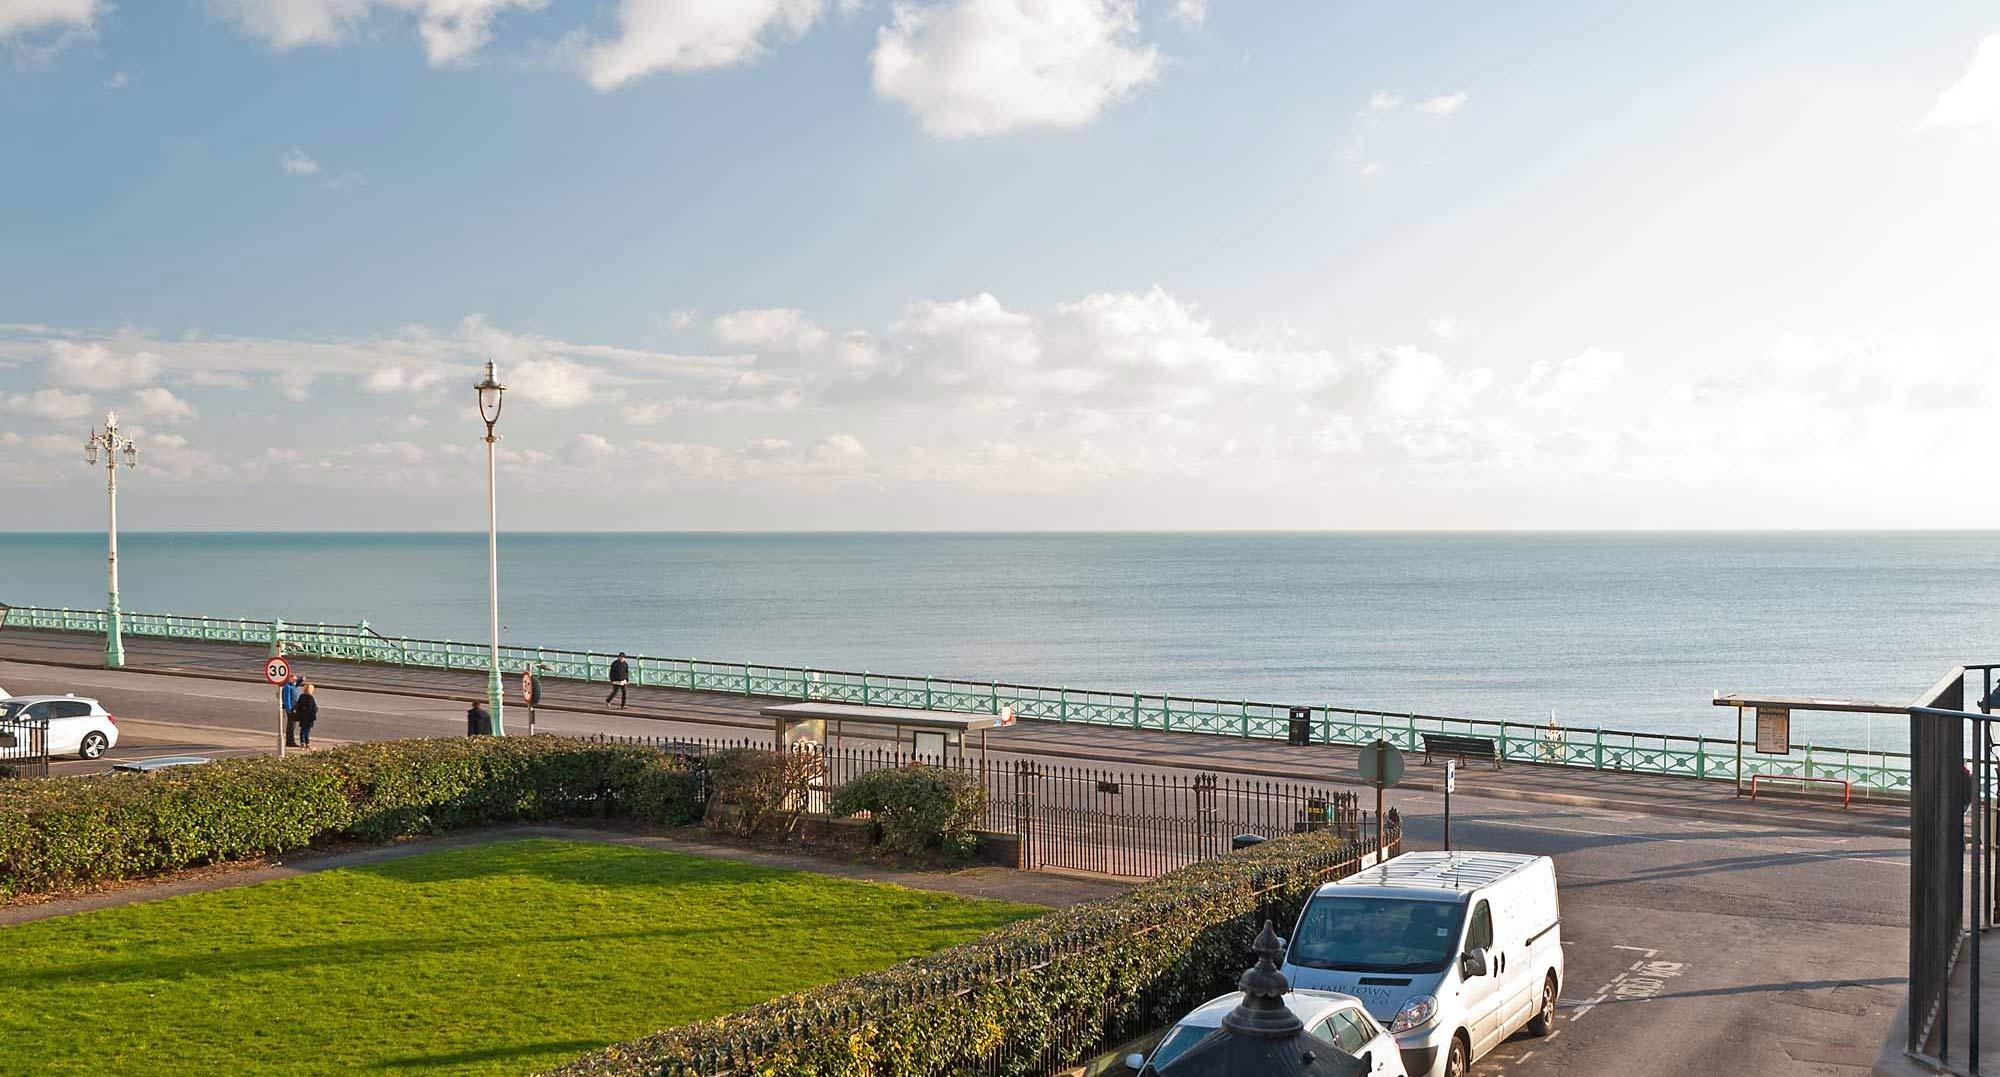 Next to Brighton Seafront